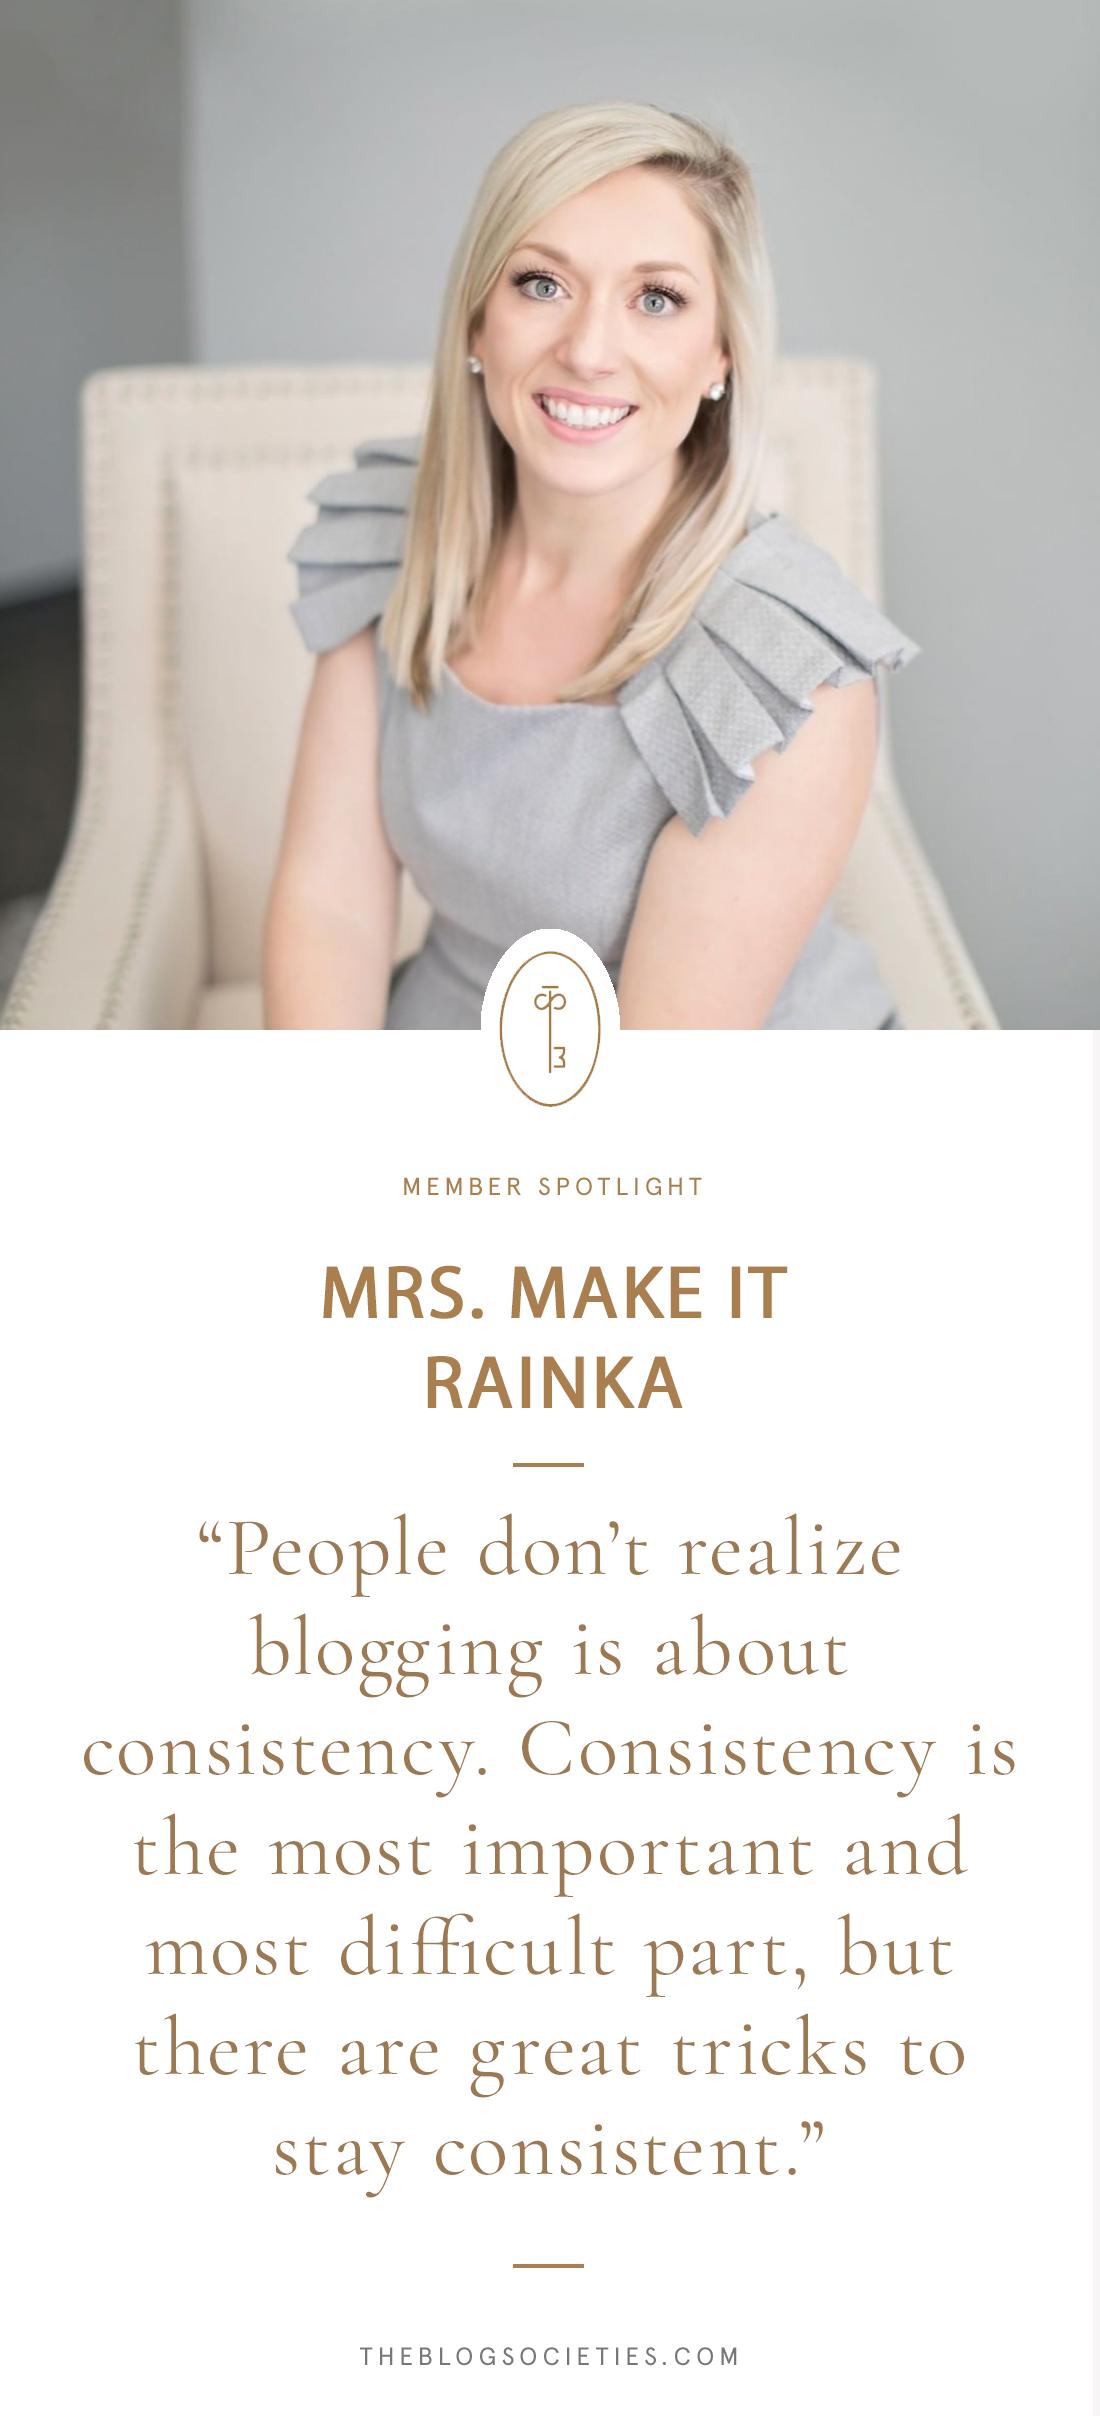 Member Spotlight: Shannon of Mrs. Make It Rainka | The Blog Societies